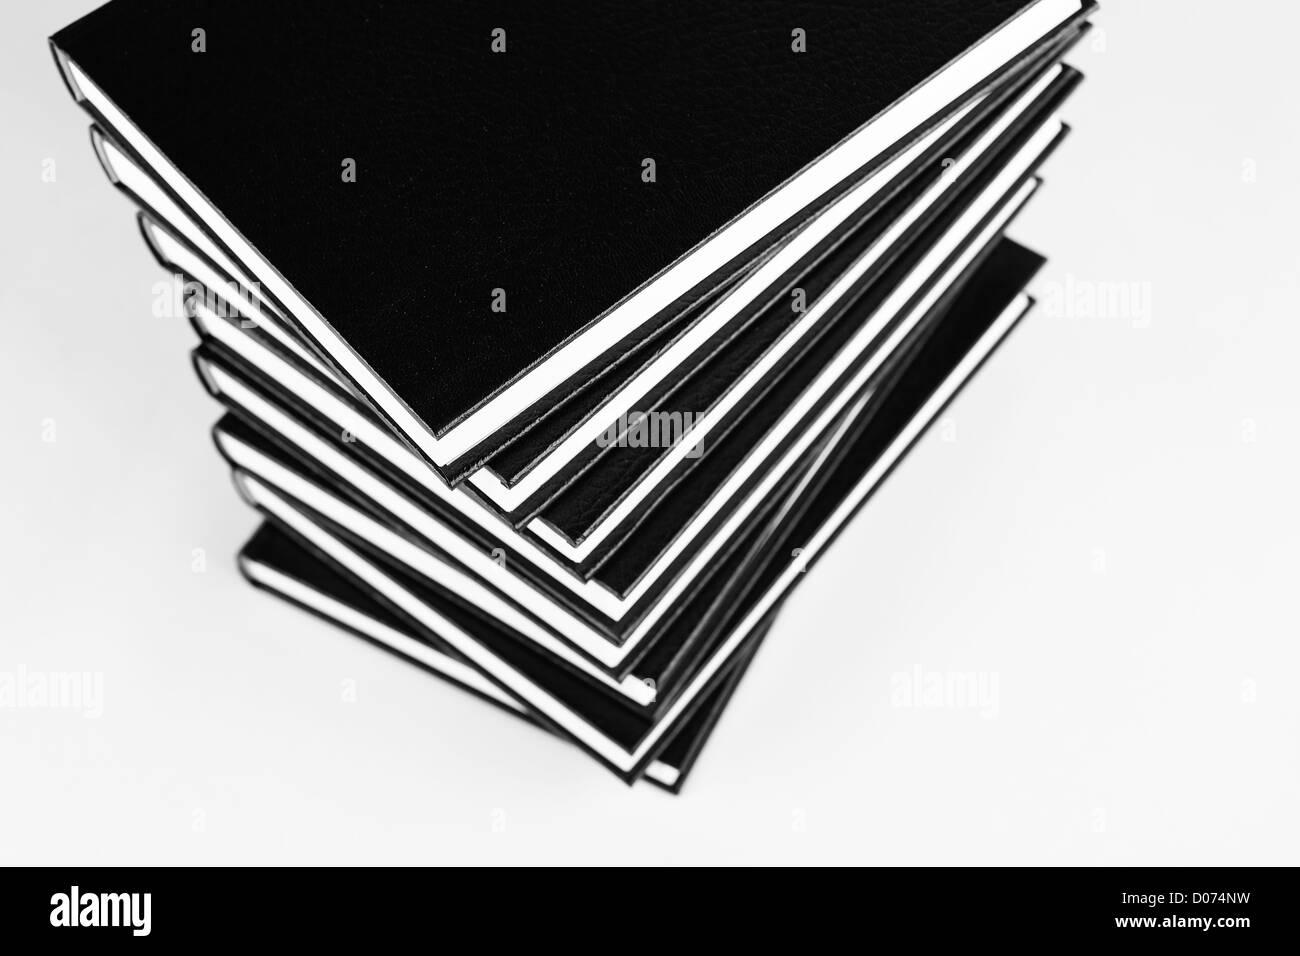 Viele Bücher in einem Haufen schwarz-weiß-Foto. Stockbild